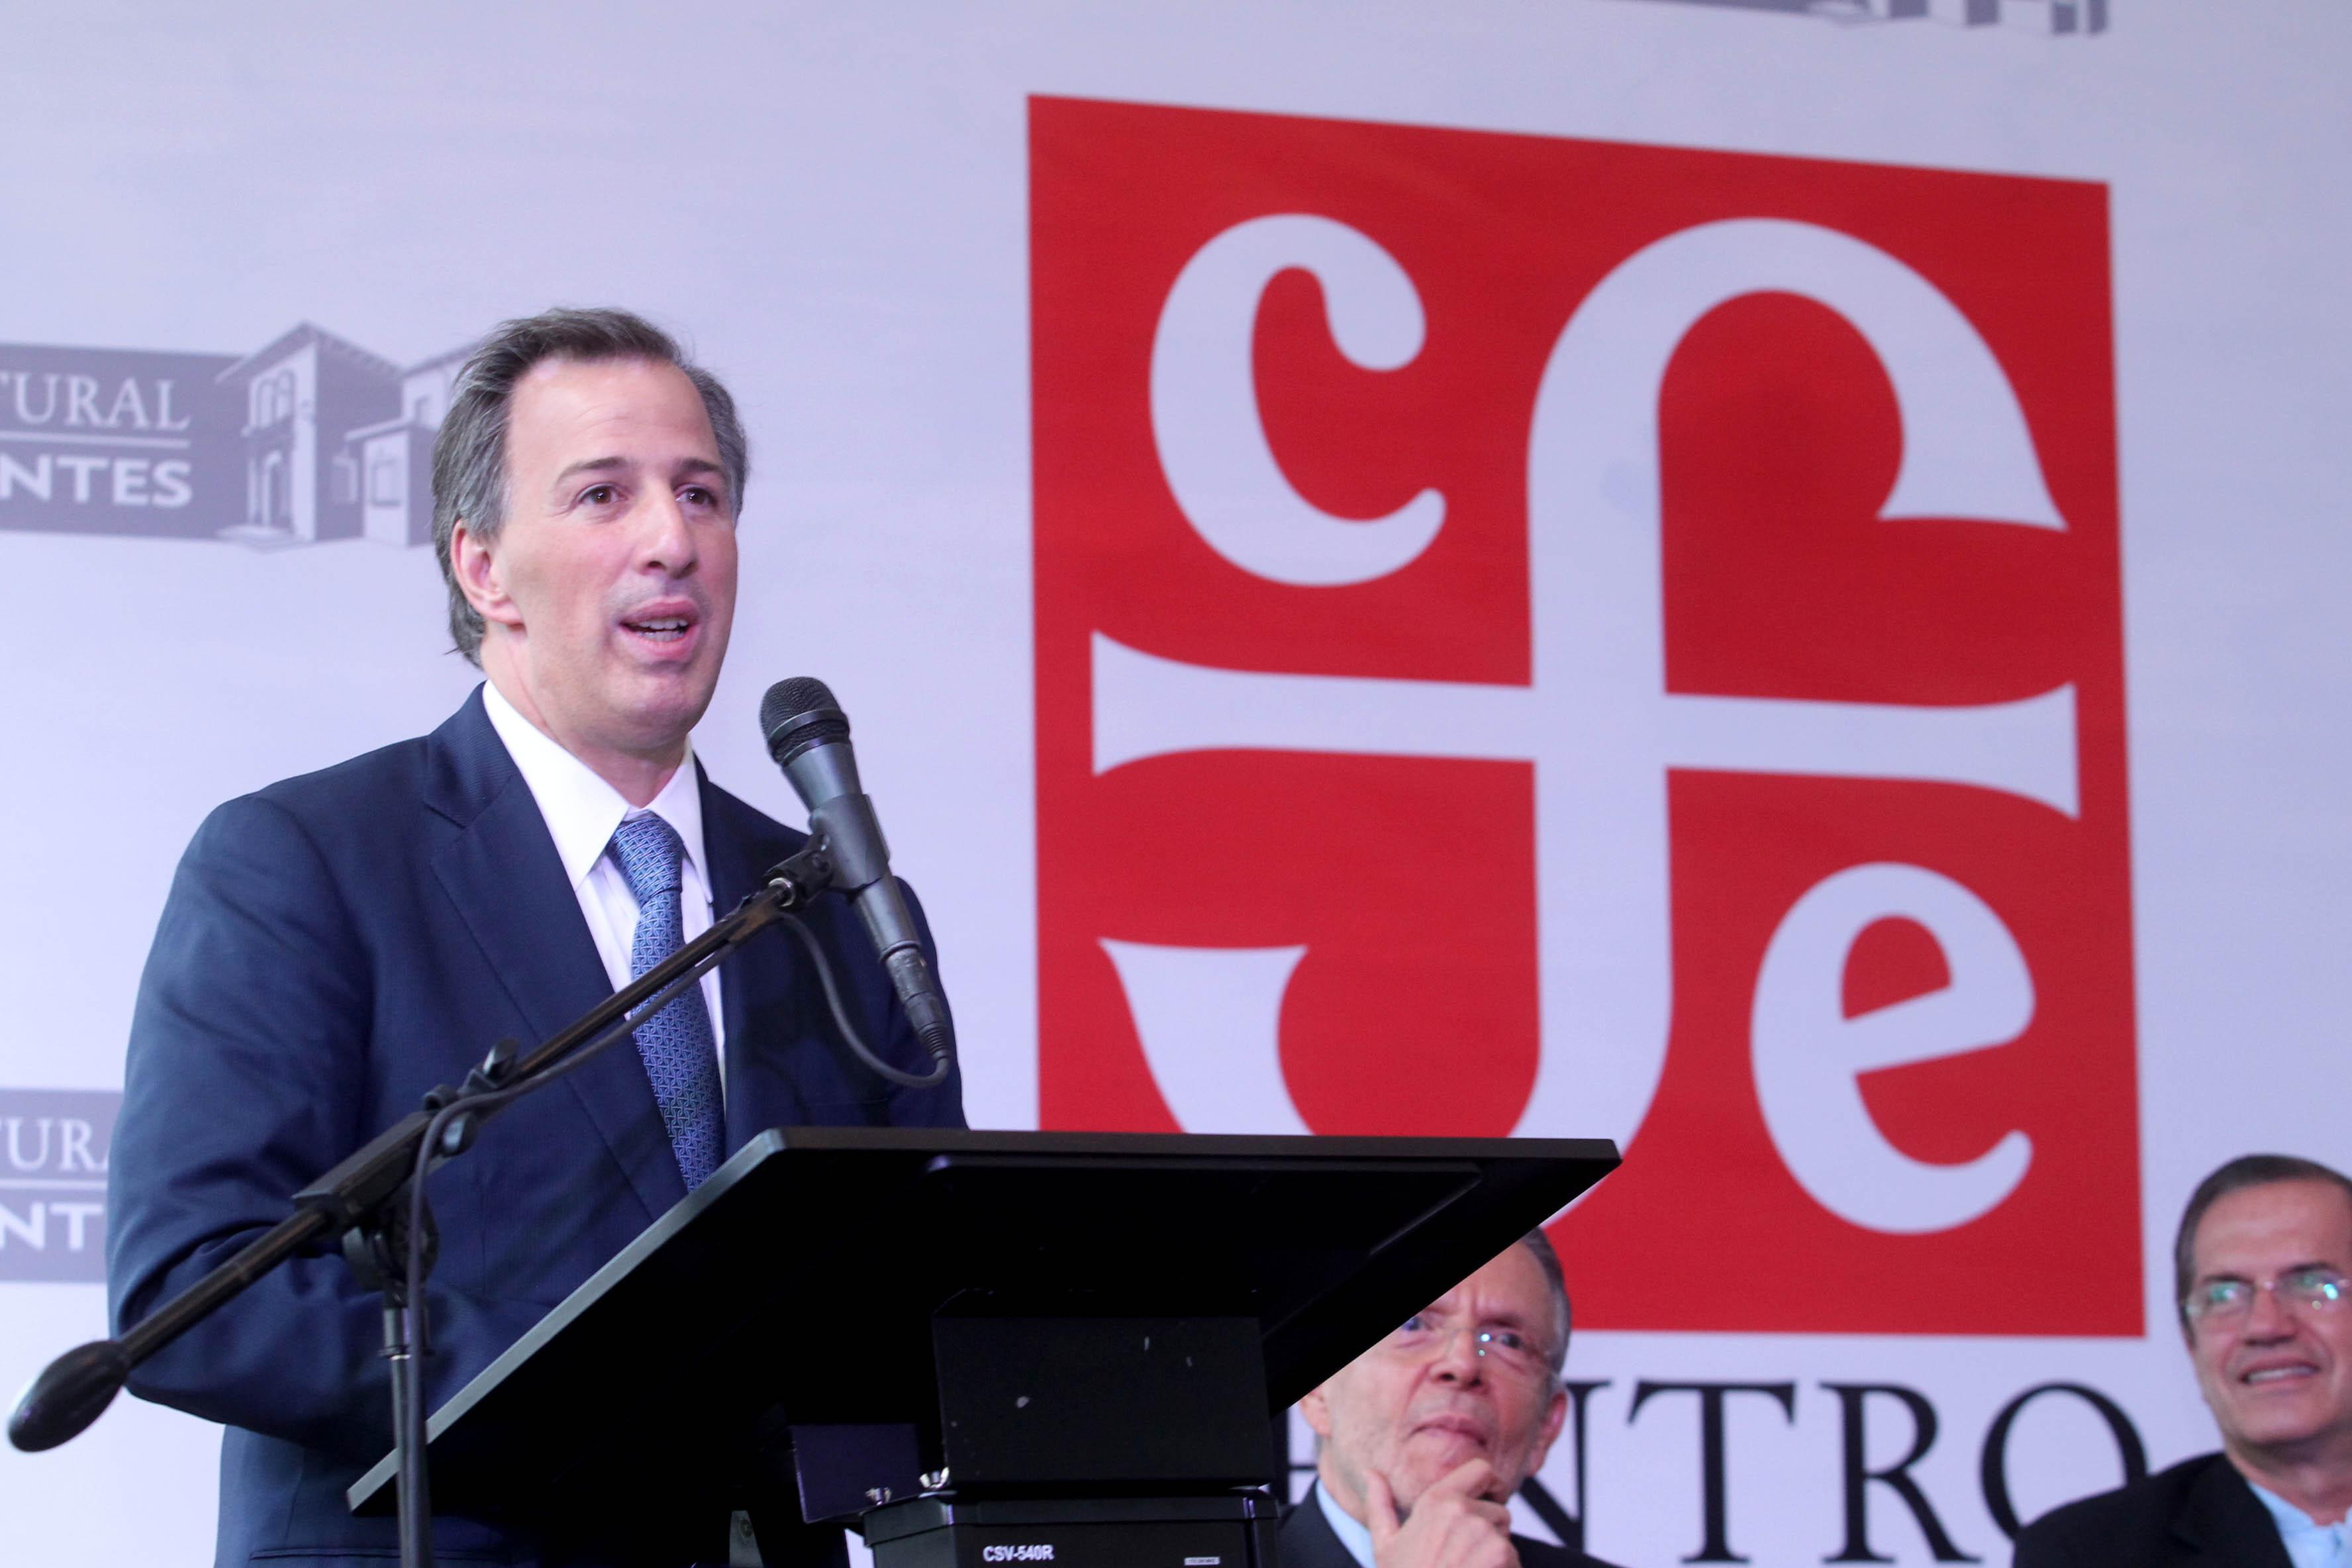 FOTO 2 El canciller Jos  Antonio Meade en la ceremonia de inauguraci n de la nueva filial del Fondo de Cultura Econ mica en Ecuador.jpg